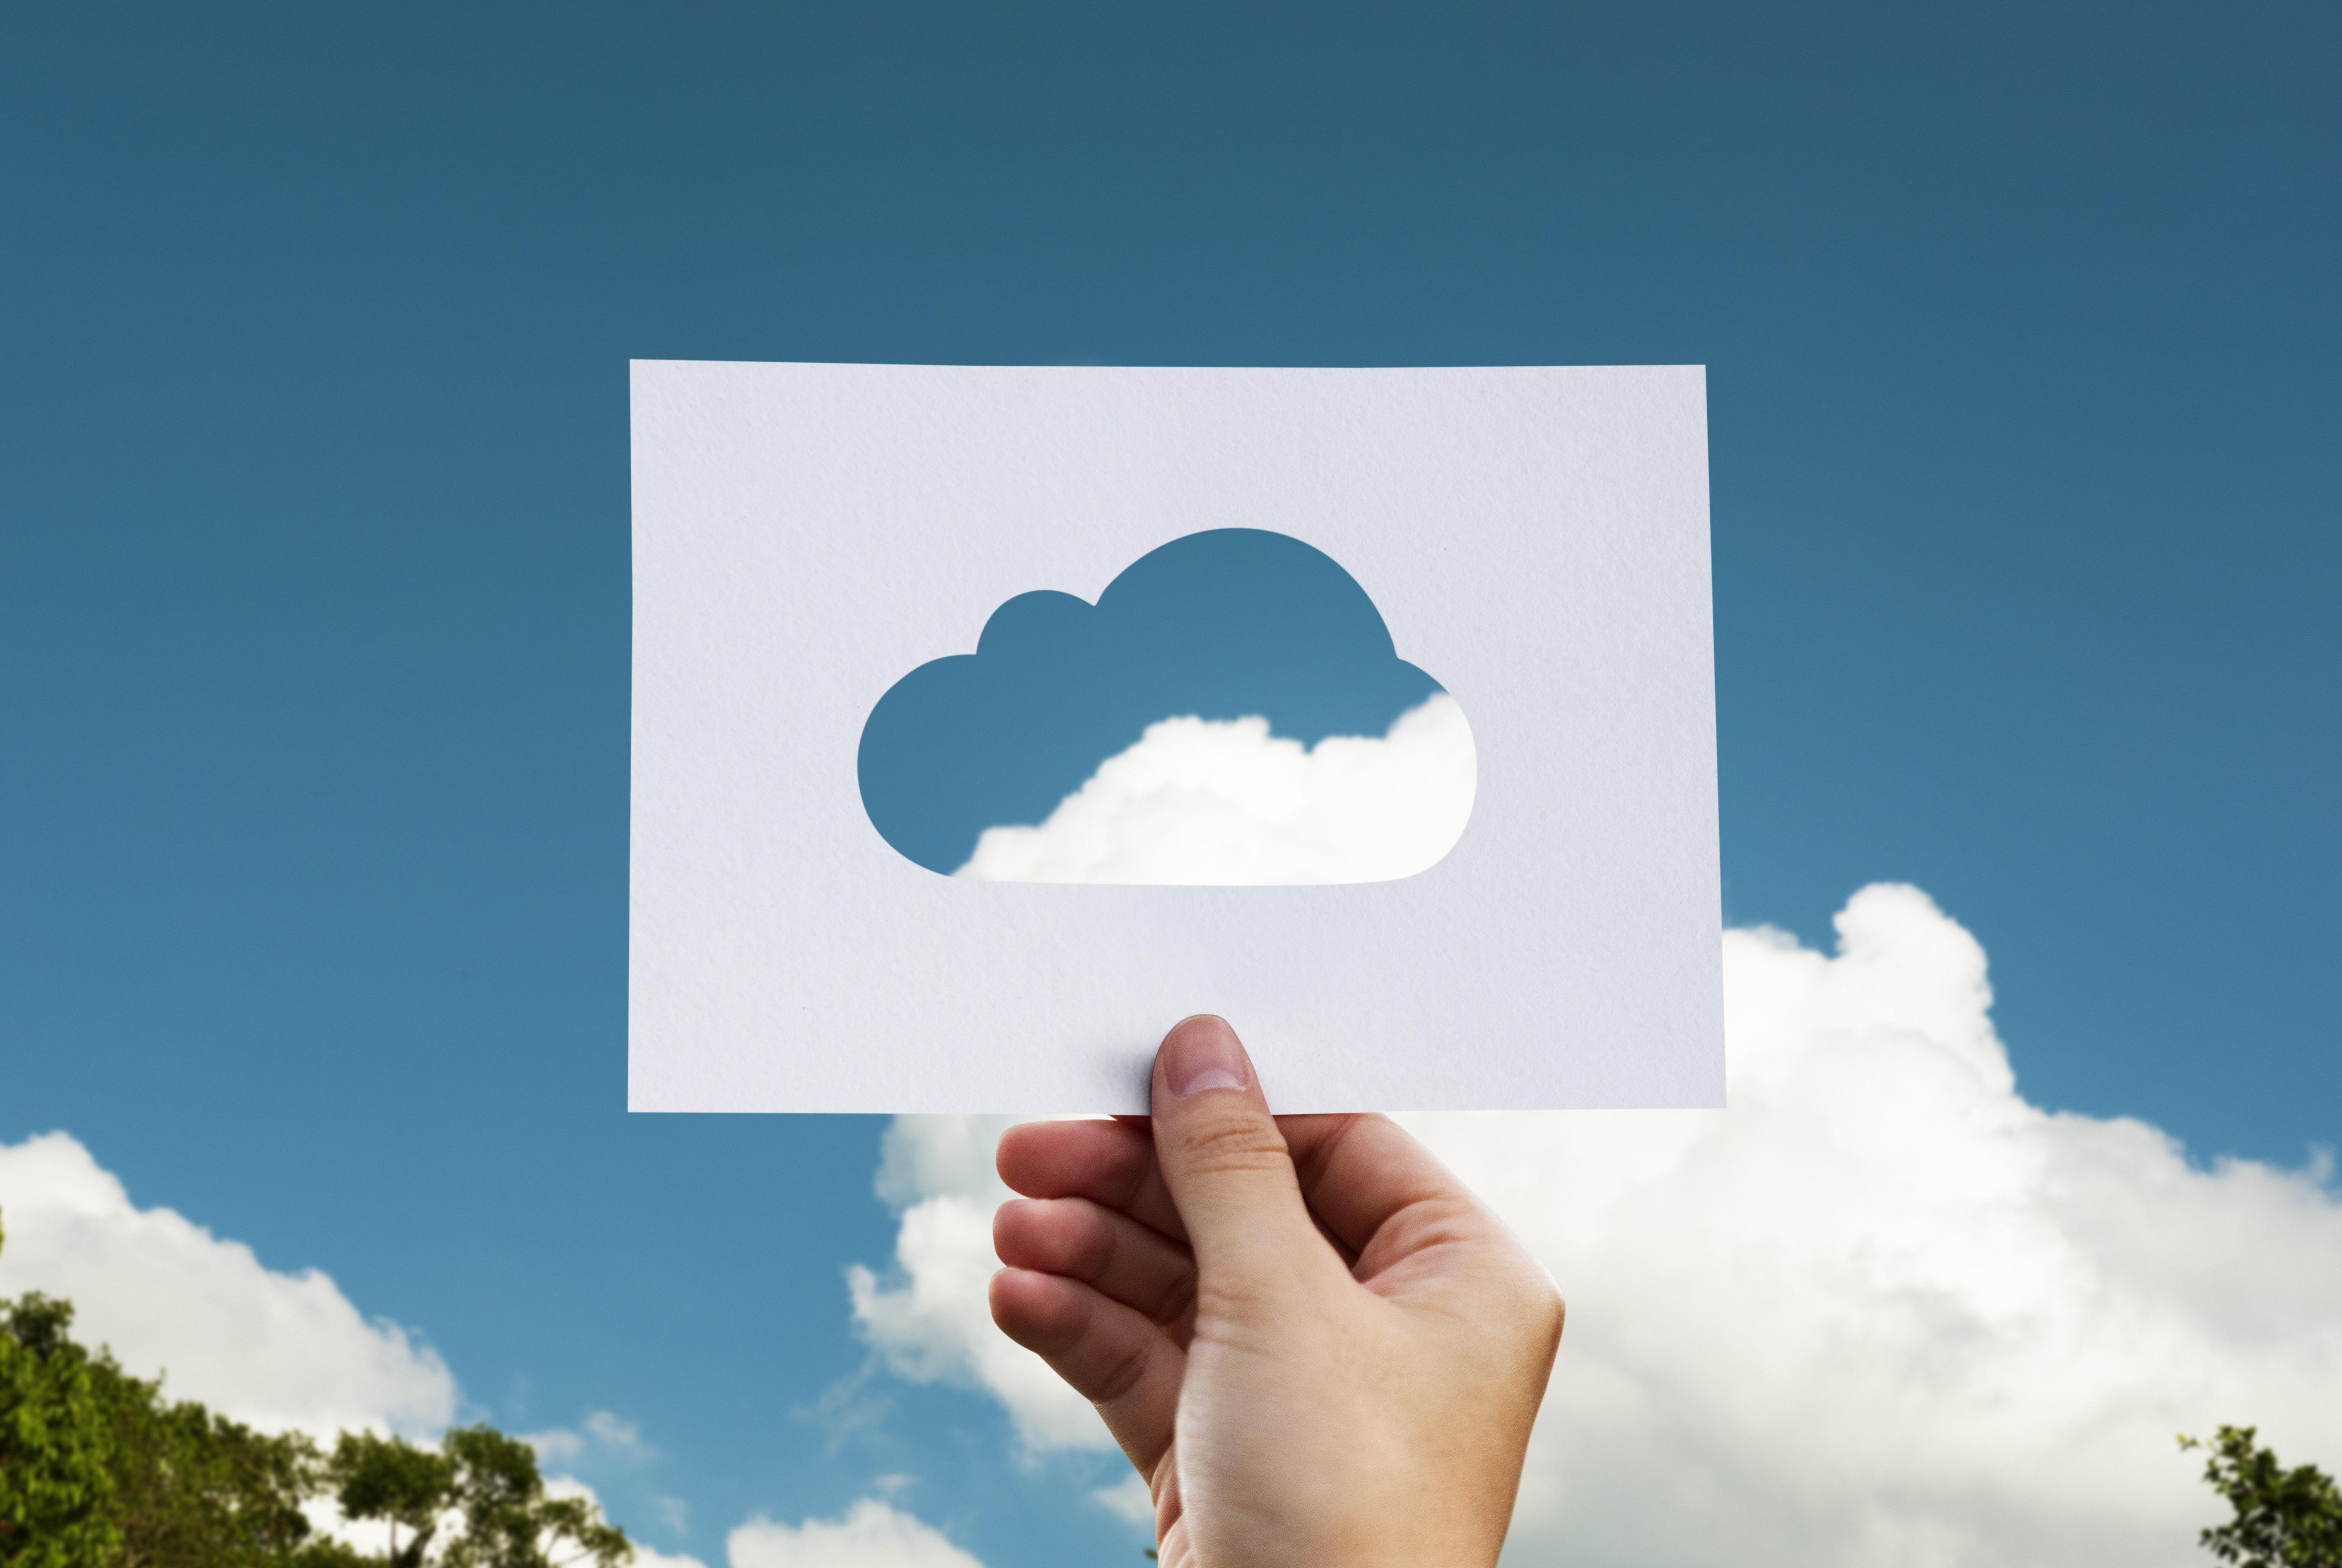 https://www.racunalniske-novice.com/triki/je-shranjevanje-v-oblaku-sploh-varno.html?RSS0c52dd9199c2c64a77fd5f79febc45f4